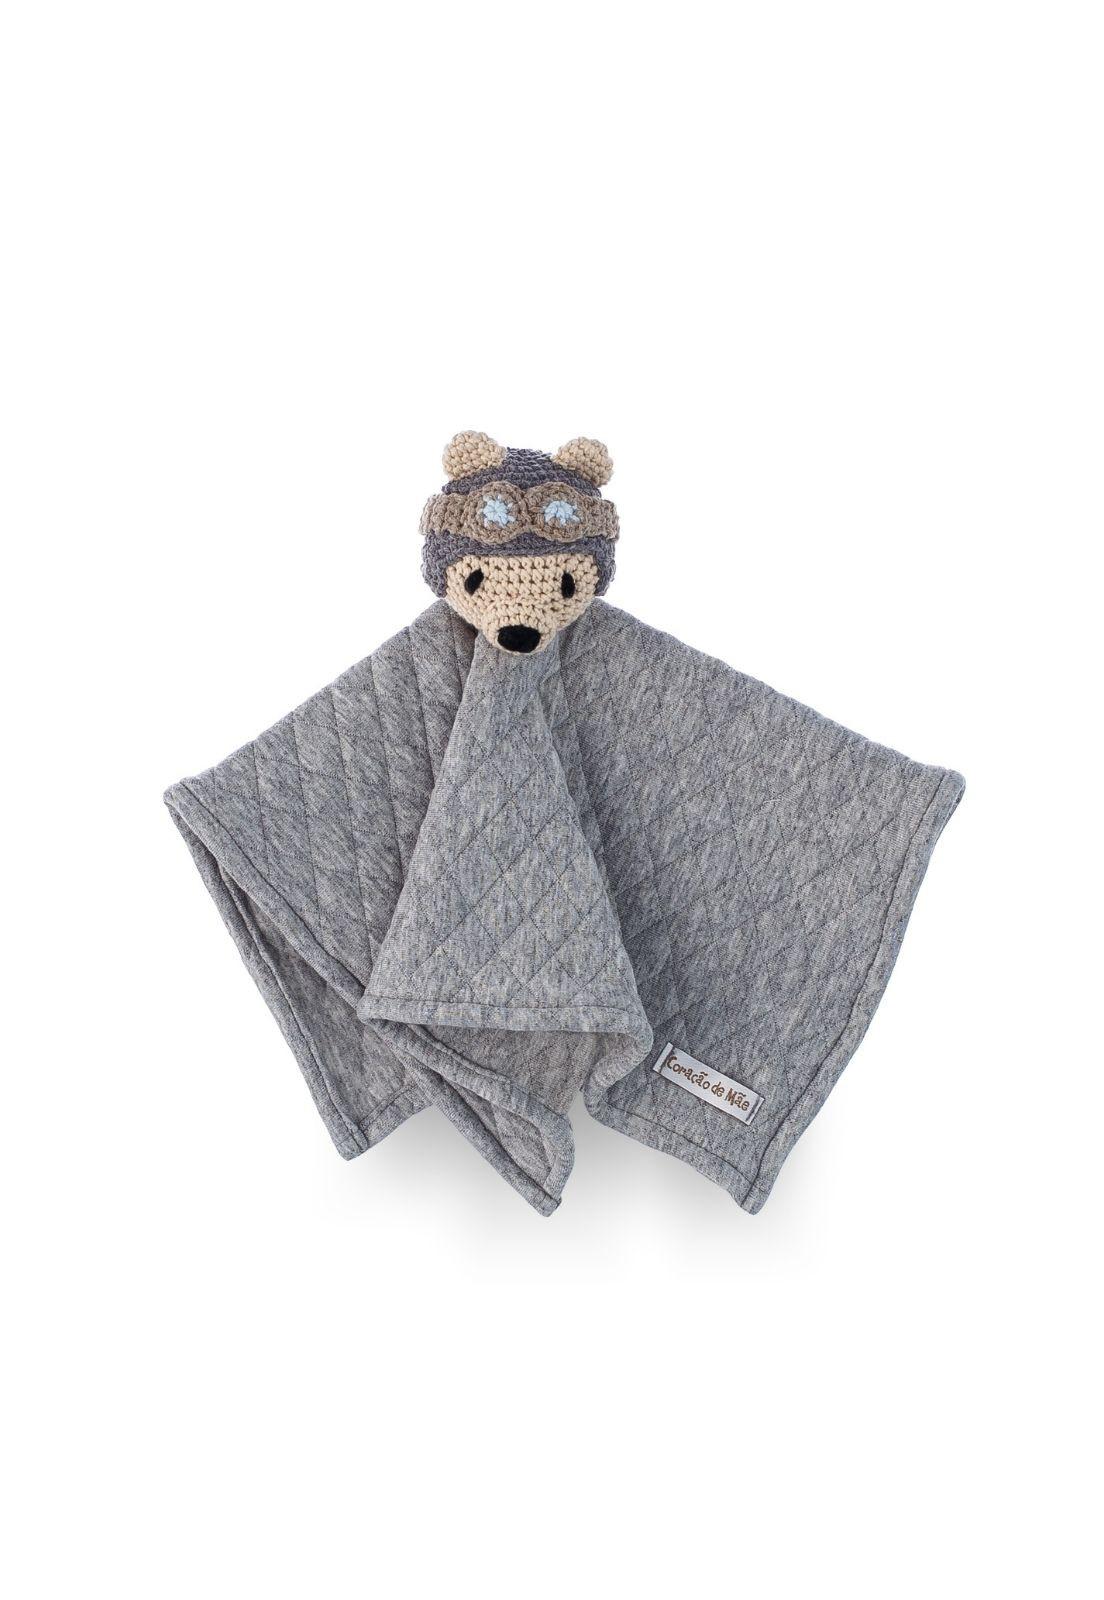 Naninha Amigurumi Urso Viajante feita à mão - Coleção Mundo Azul e Cáqui e cinza